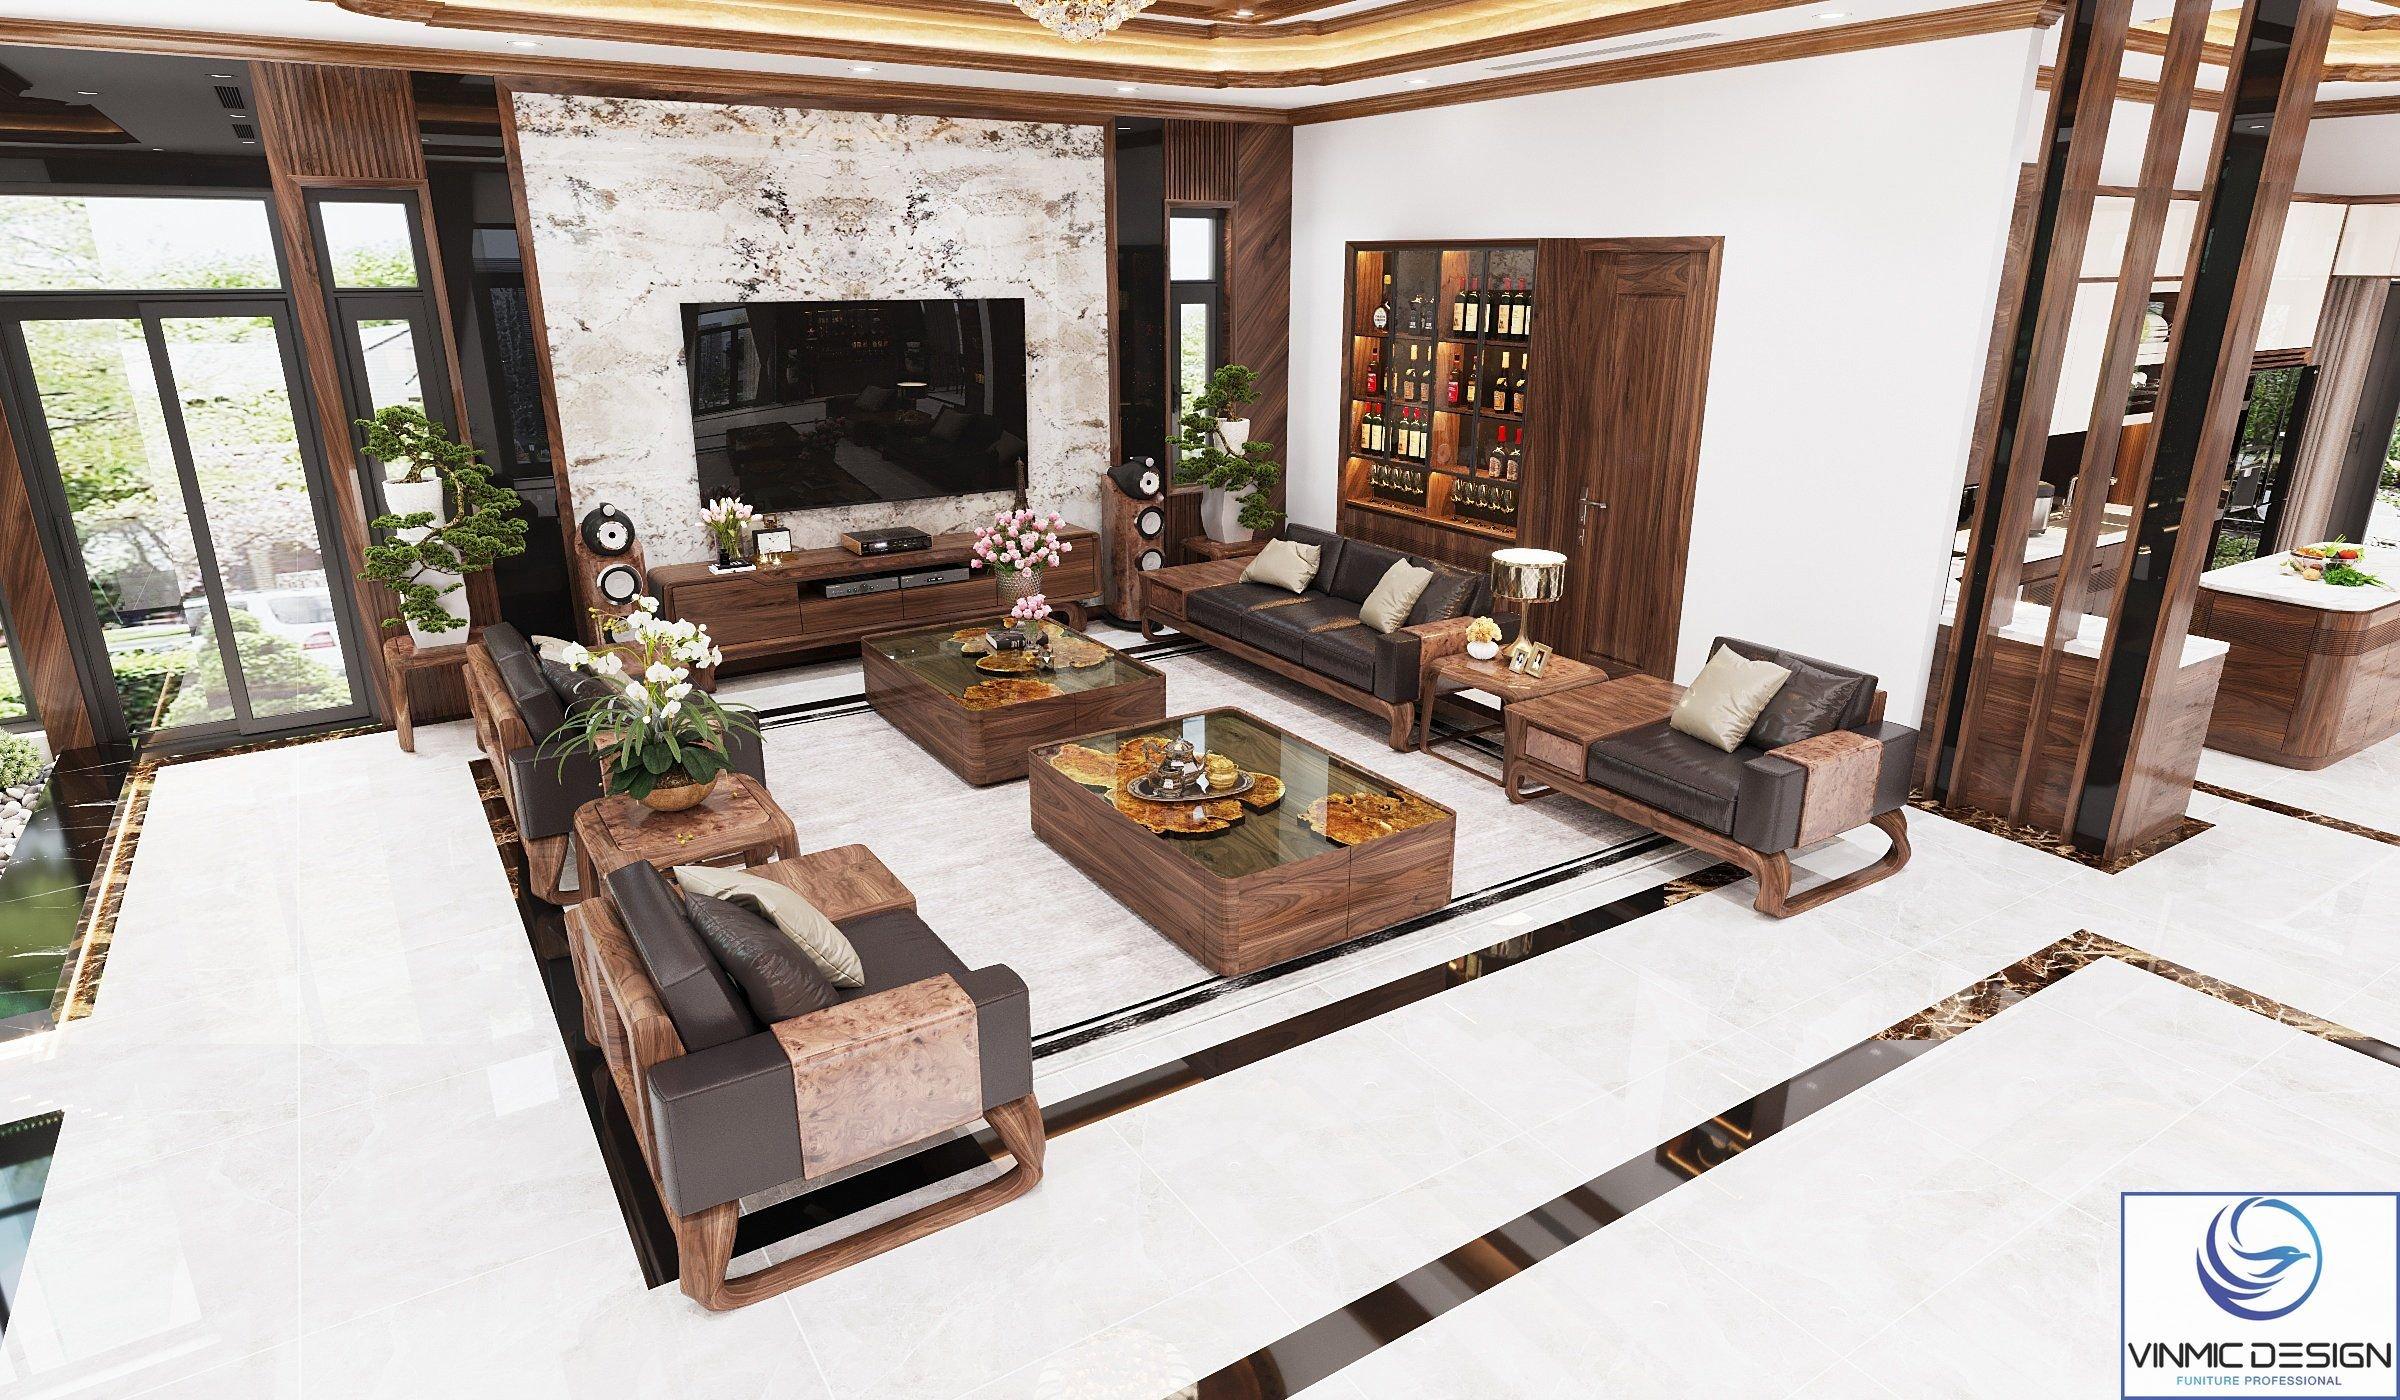 Thiết kế phòng khách hiện đại, tinh tế và trang nhã.